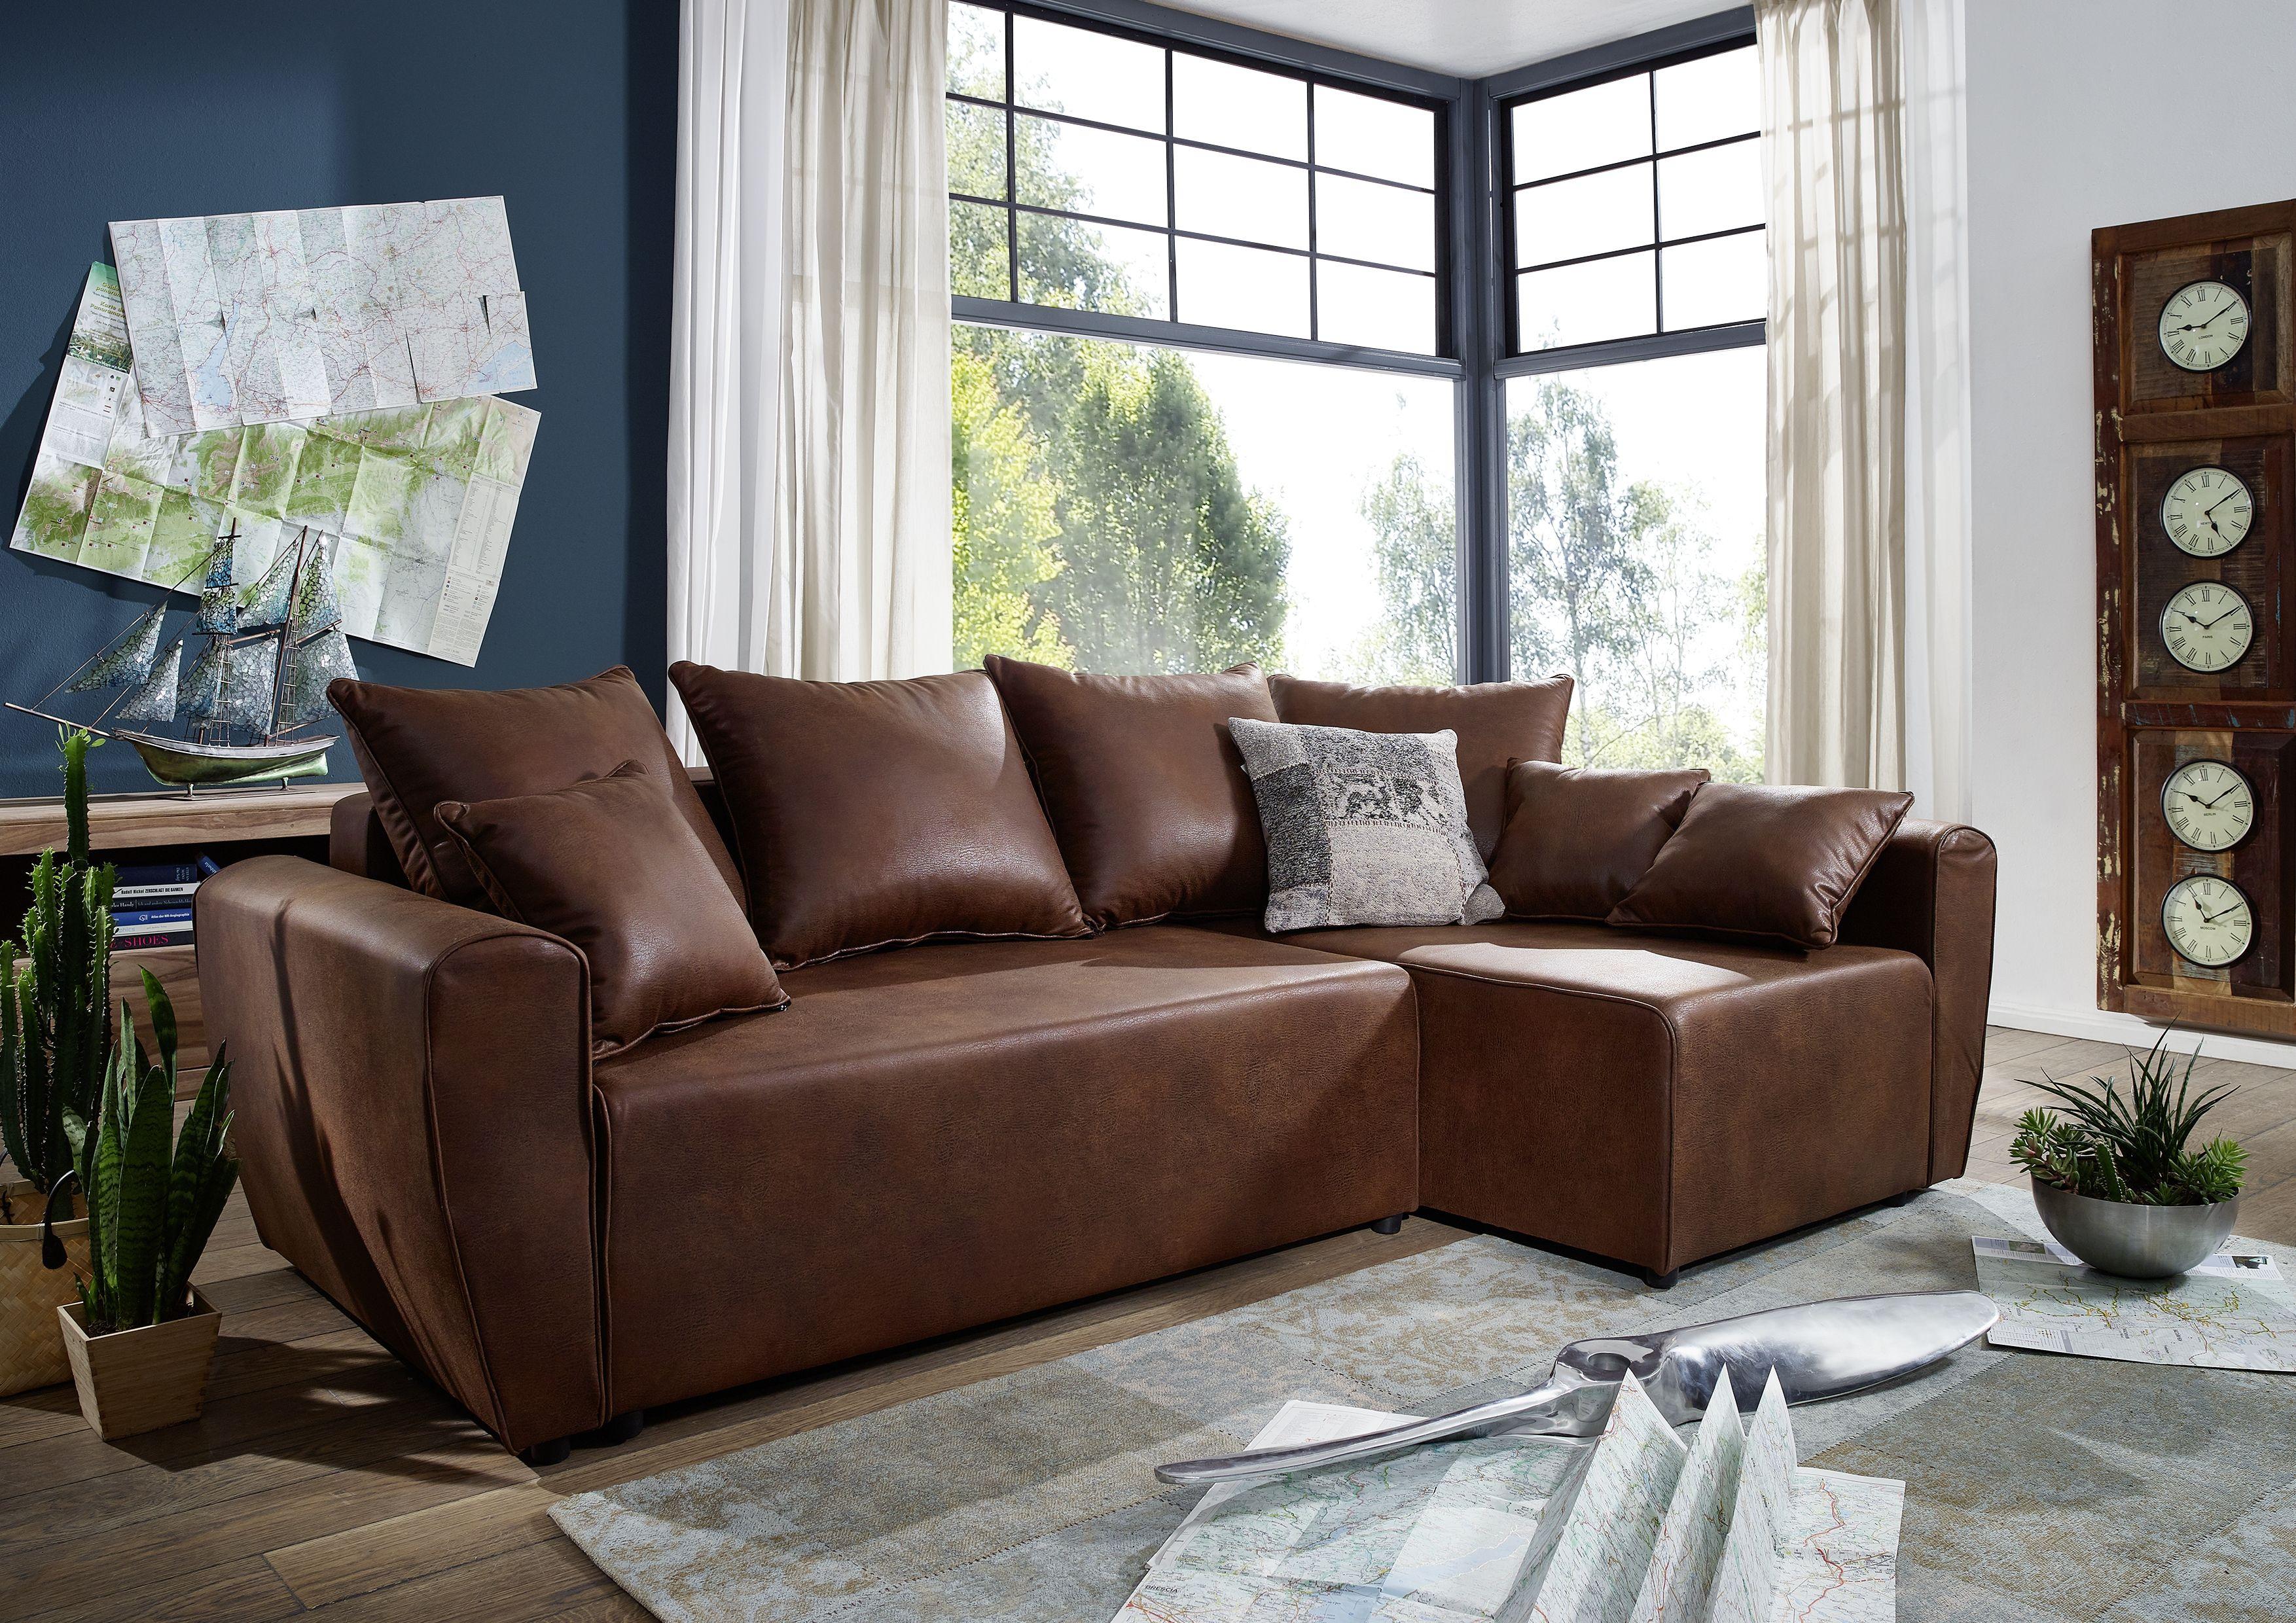 Sofa der OXFORD Serie in klassisch englischem Kolonialstil Der